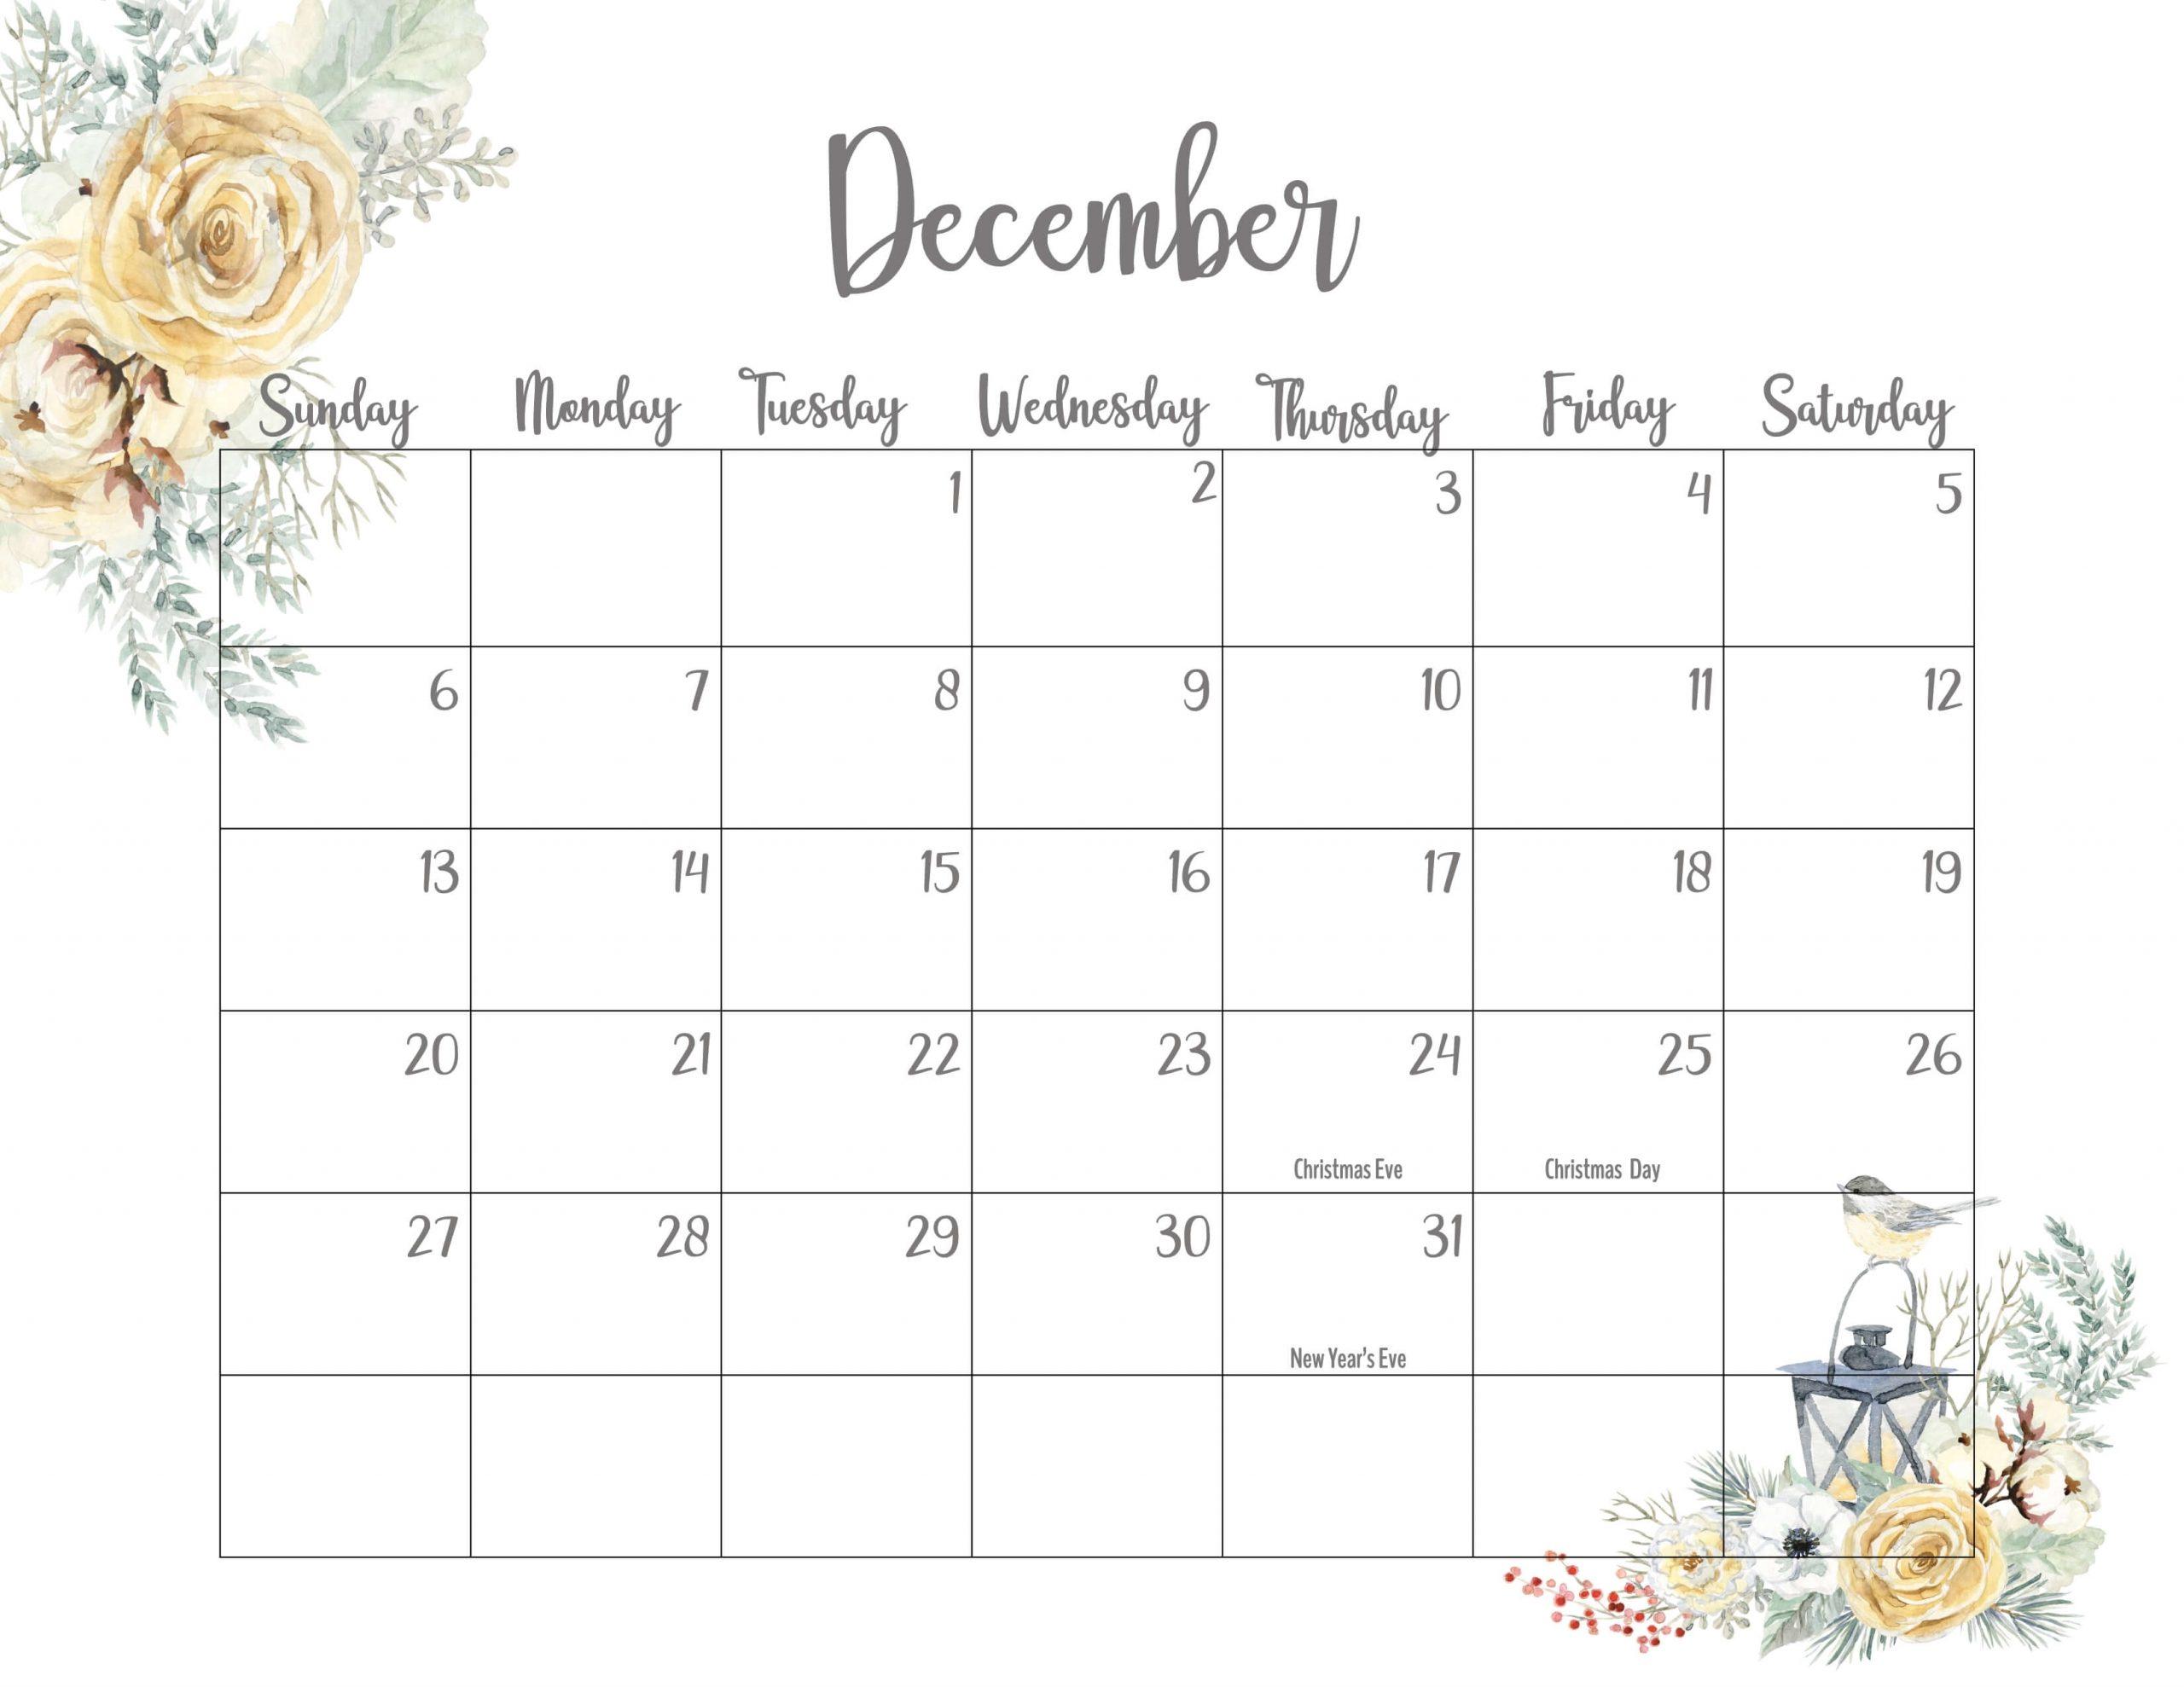 Floral December 2020 Calendar Printable - Time Management